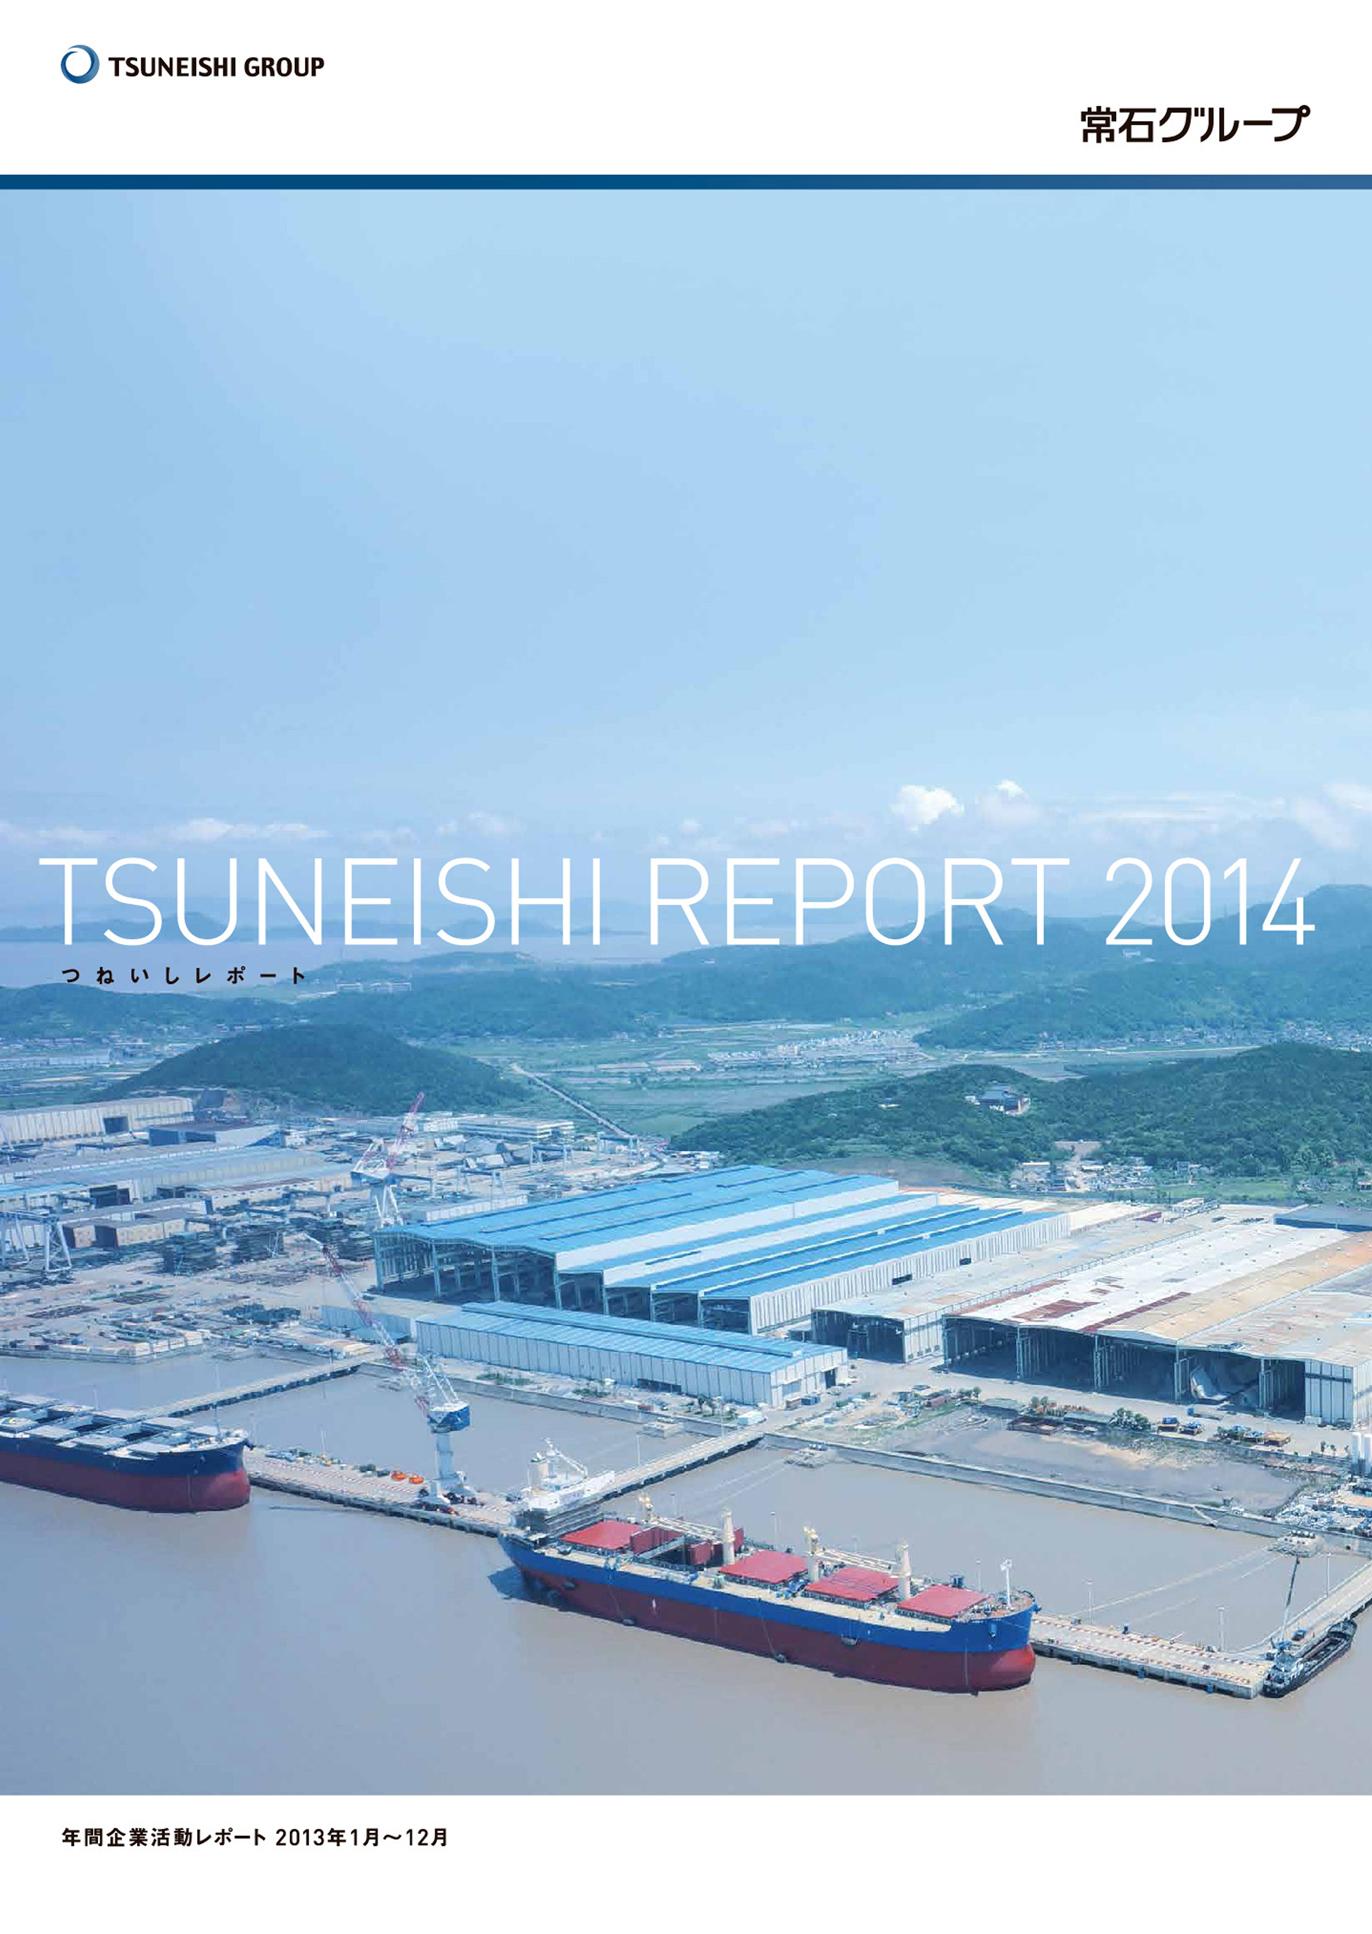 「つねいしレポート2014~つなぐ先に拡がる理想~」 常石グループの活動レポートをウェブサイトで公開